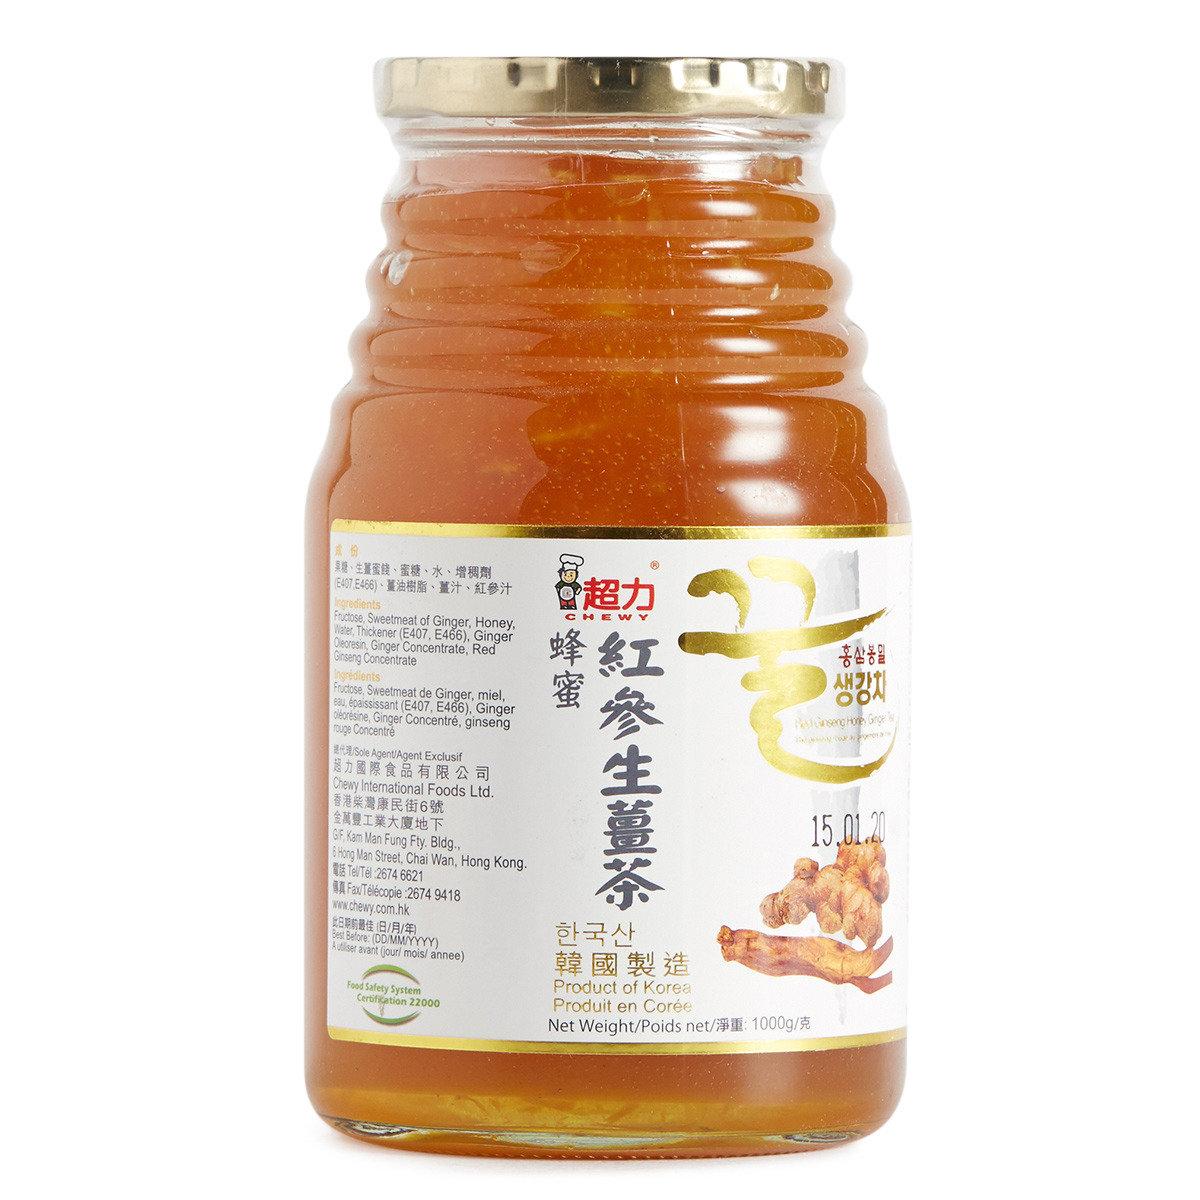 紅參蜂蜜生薑茶